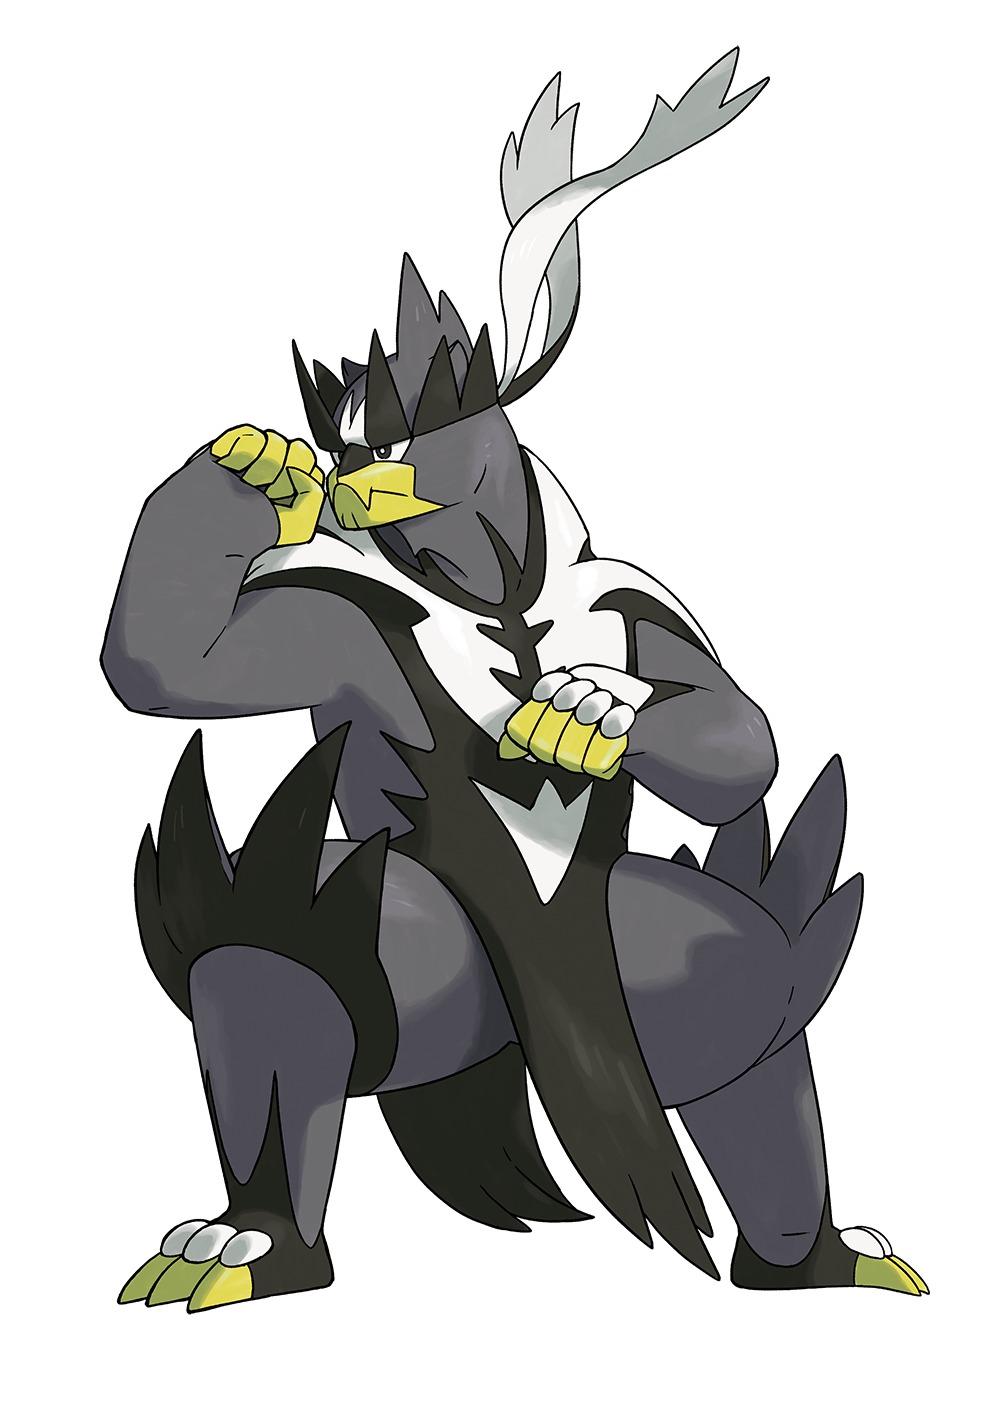 ウーラオス(いちげき) (c)2020 Pokémon. (c)1995-2020 Nintendo/Creatures Inc. /GAME FREAK inc.